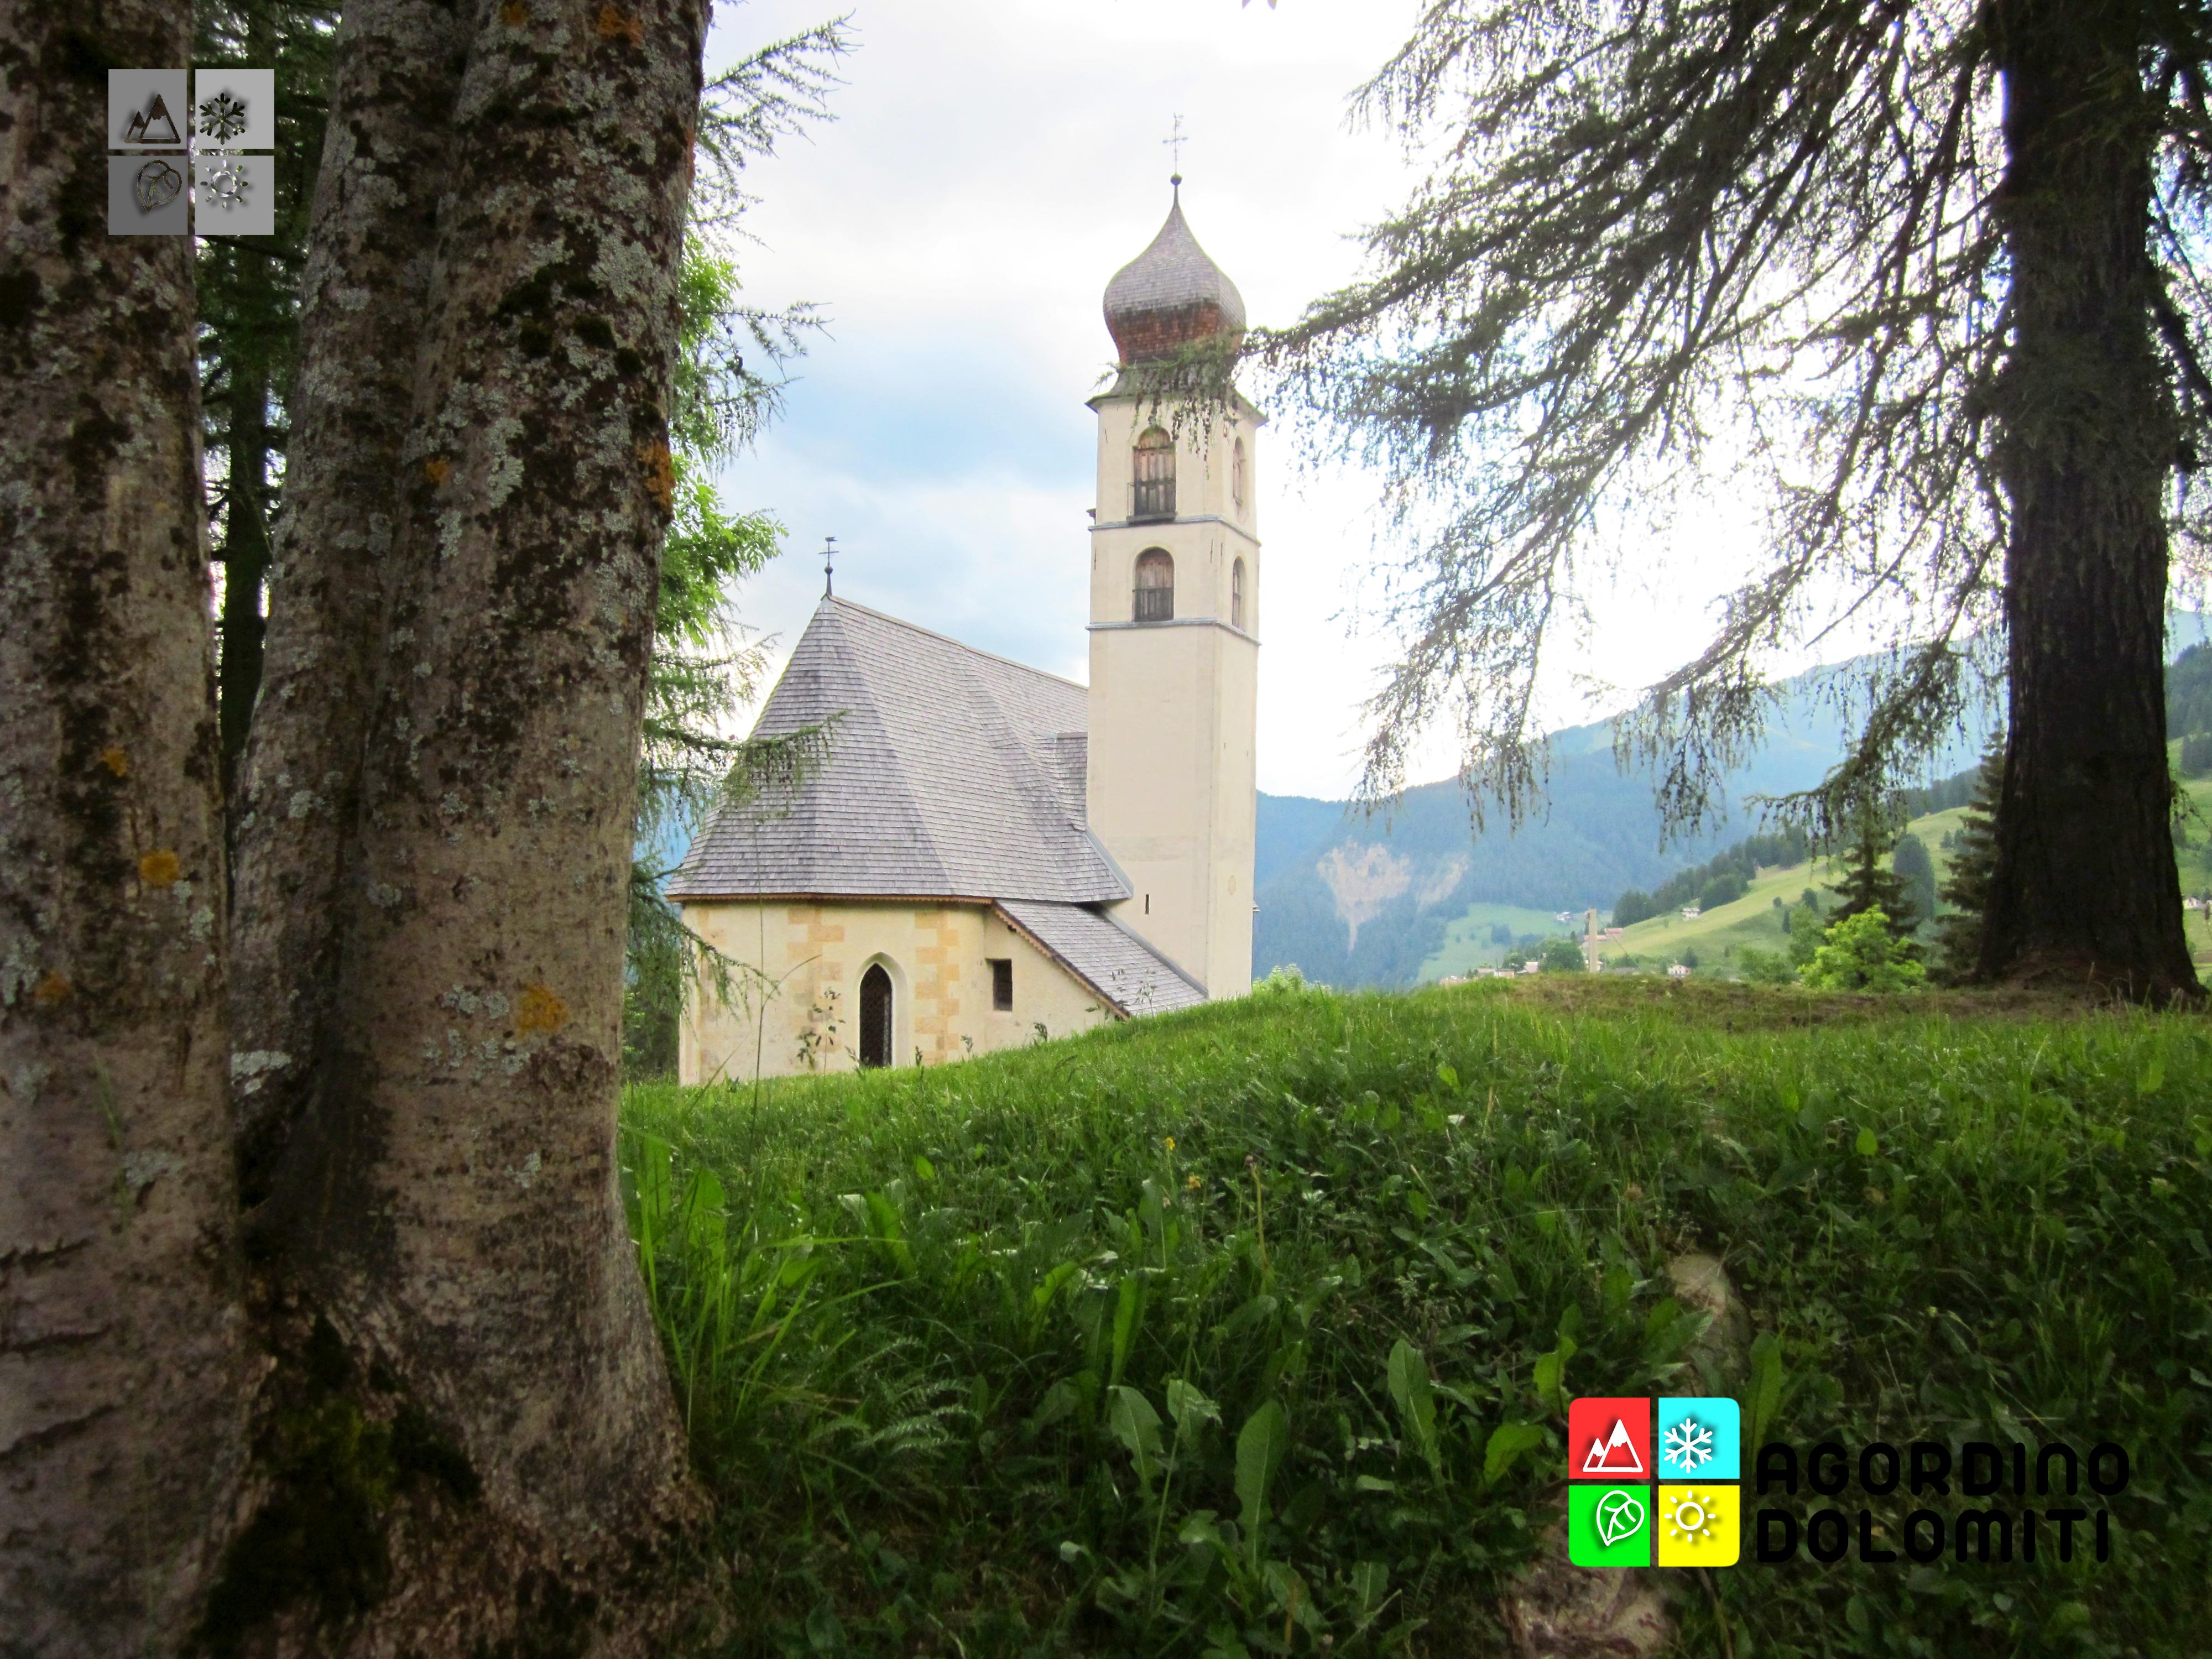 Chiesa di Santa Fosca a Selva di Cadore, Val Fiorentina, Dolomiti